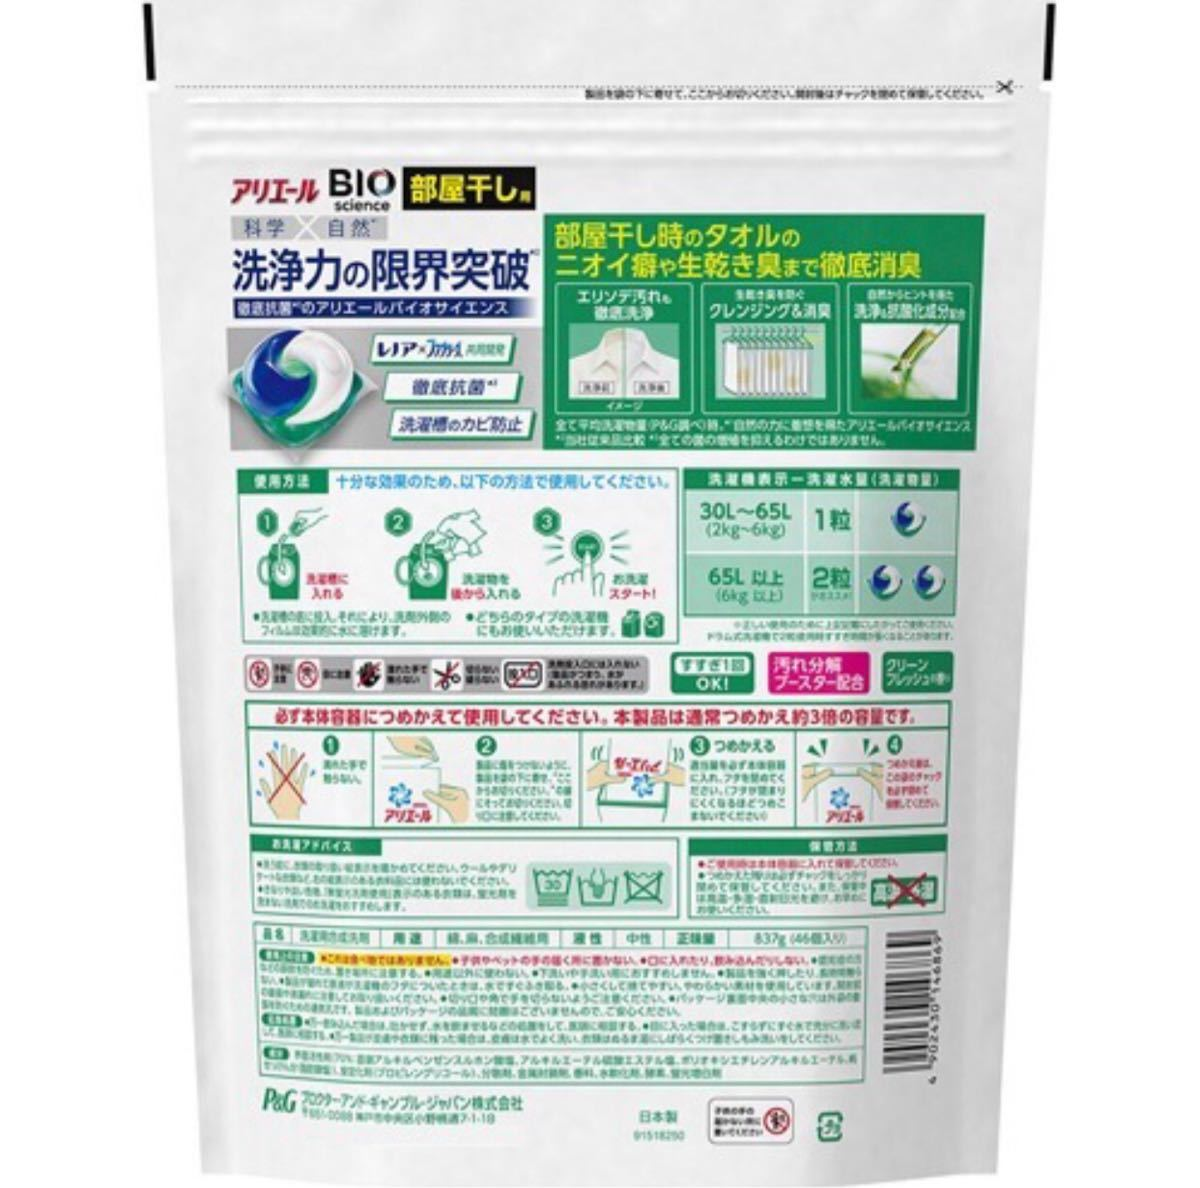 アリエールBIOジェルボール部屋干し用 つめかえ超ジャンボサイズ 洗濯洗剤(46個入*8袋セット)